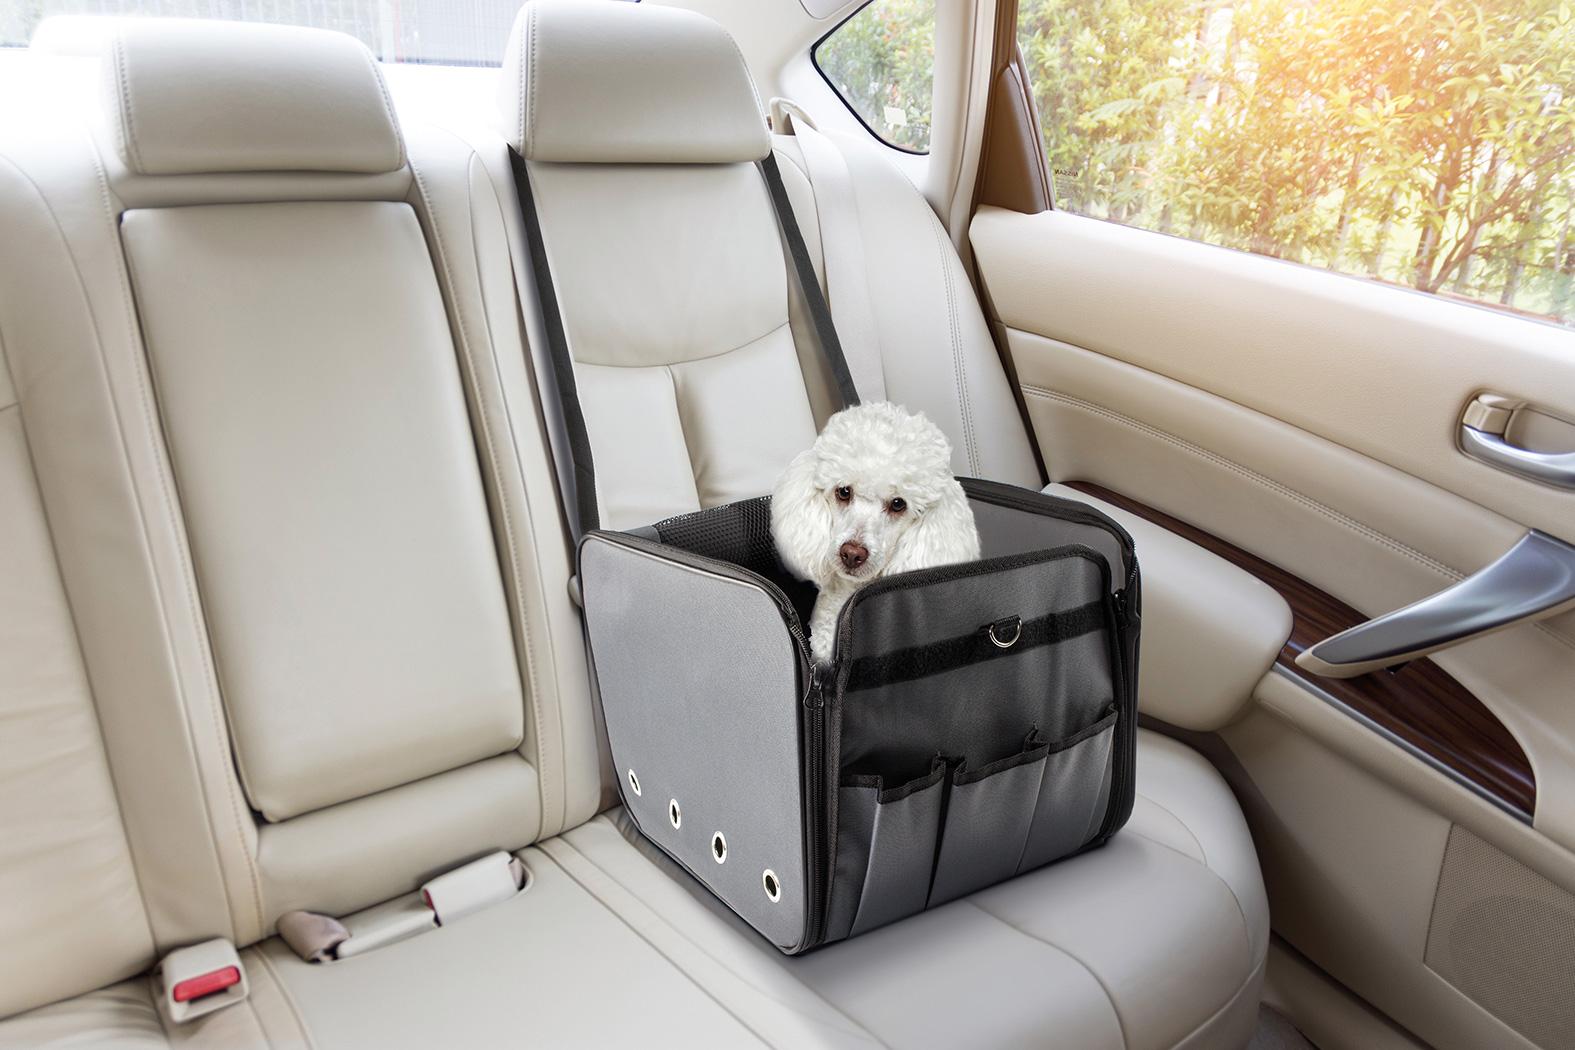 Record - Hopfällbar Transportväska till Hund eller Katt - Fästes i bilen